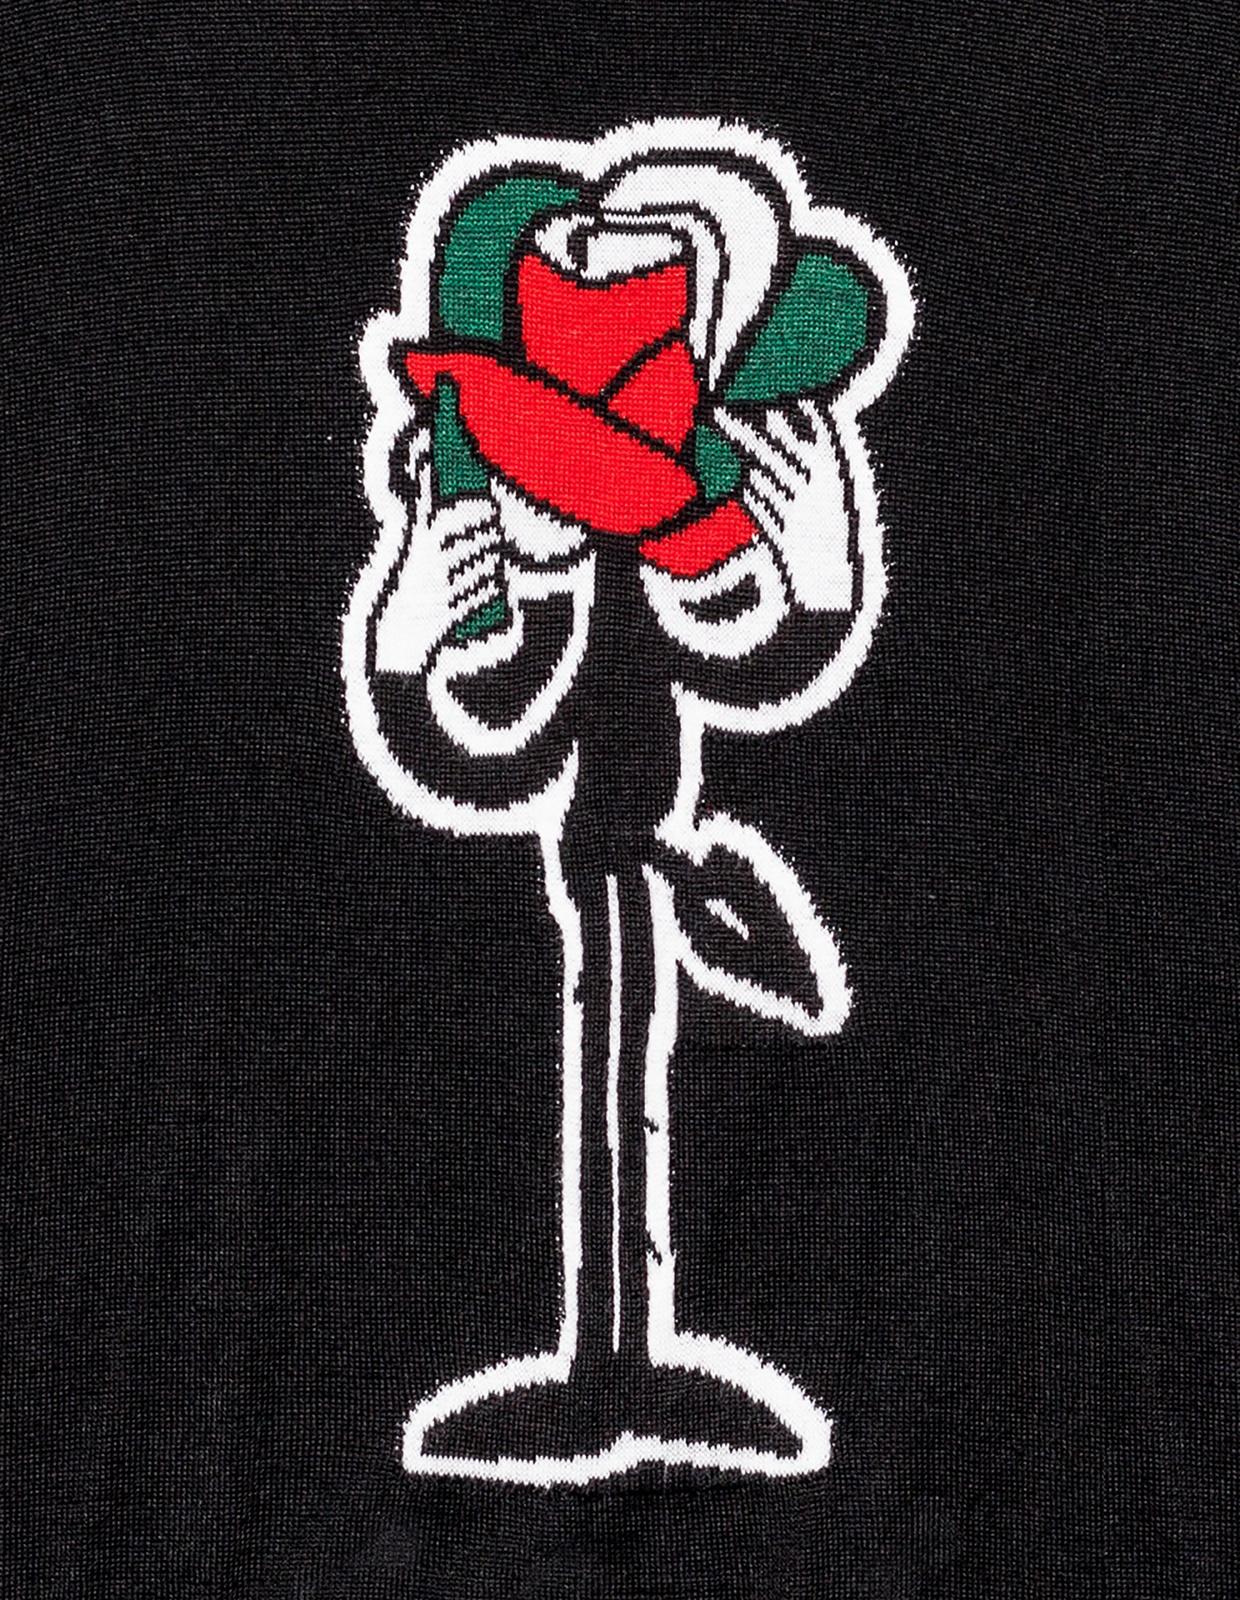 【PAS DE MER/パドゥメ】ROSE. KNITWEAR JACQUARD カットソー / BLACK